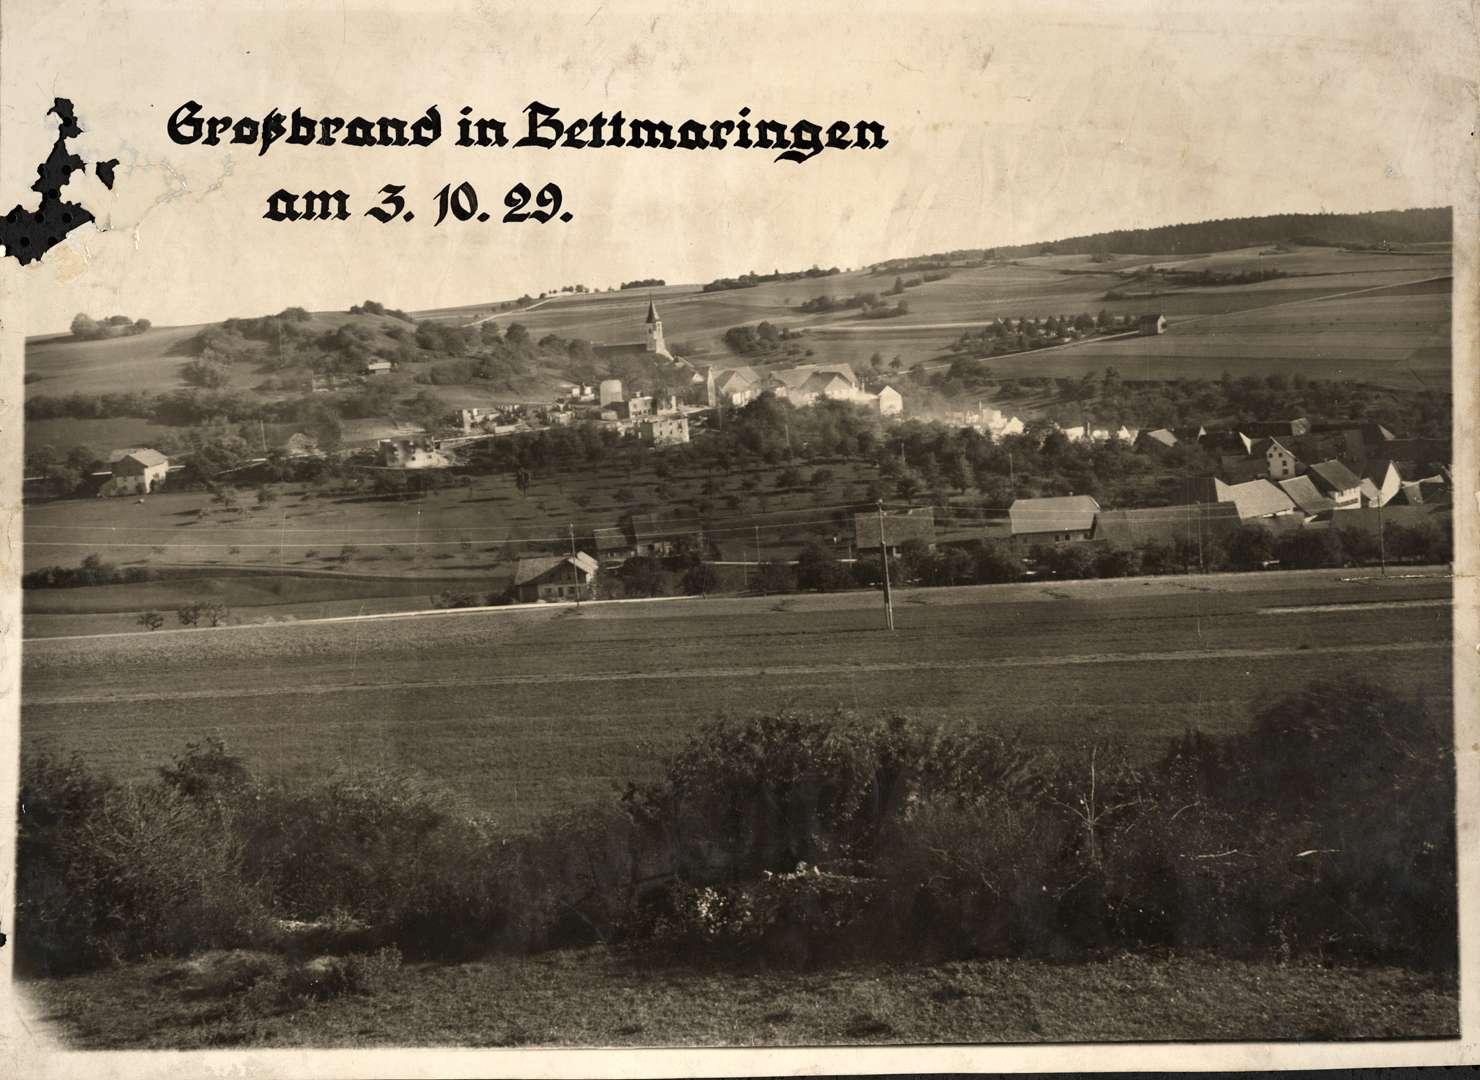 Großbrand in Bettmaringen, Bild 1